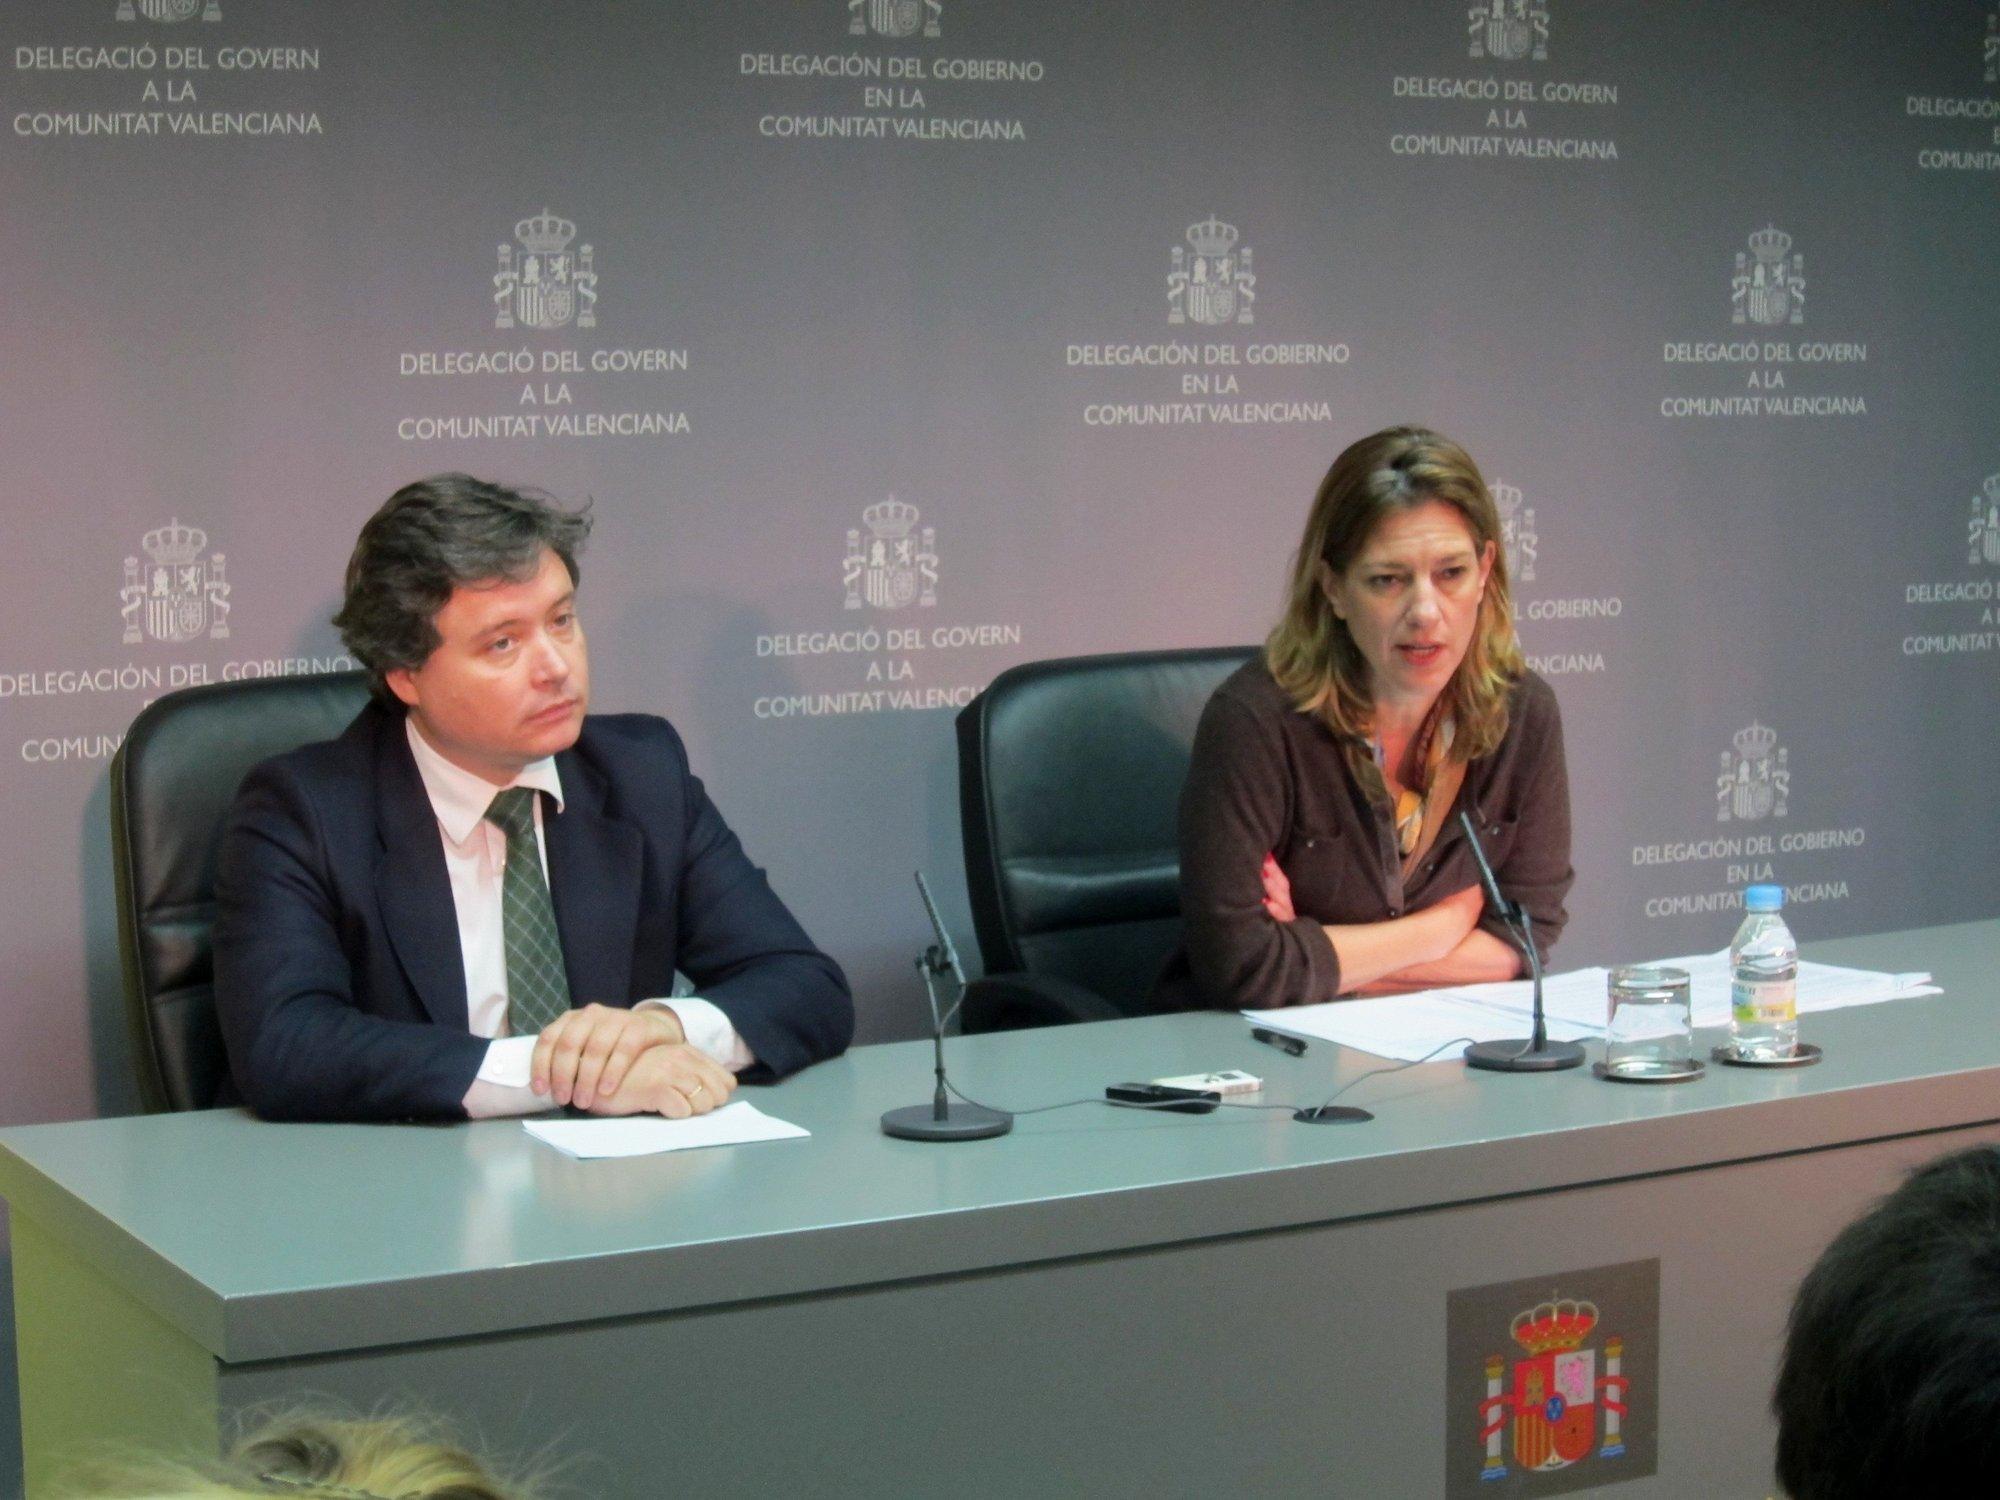 El Gobierno valenciano mantendrá en el cargo a Isabel Villalonga porque cree en su «honestidad»